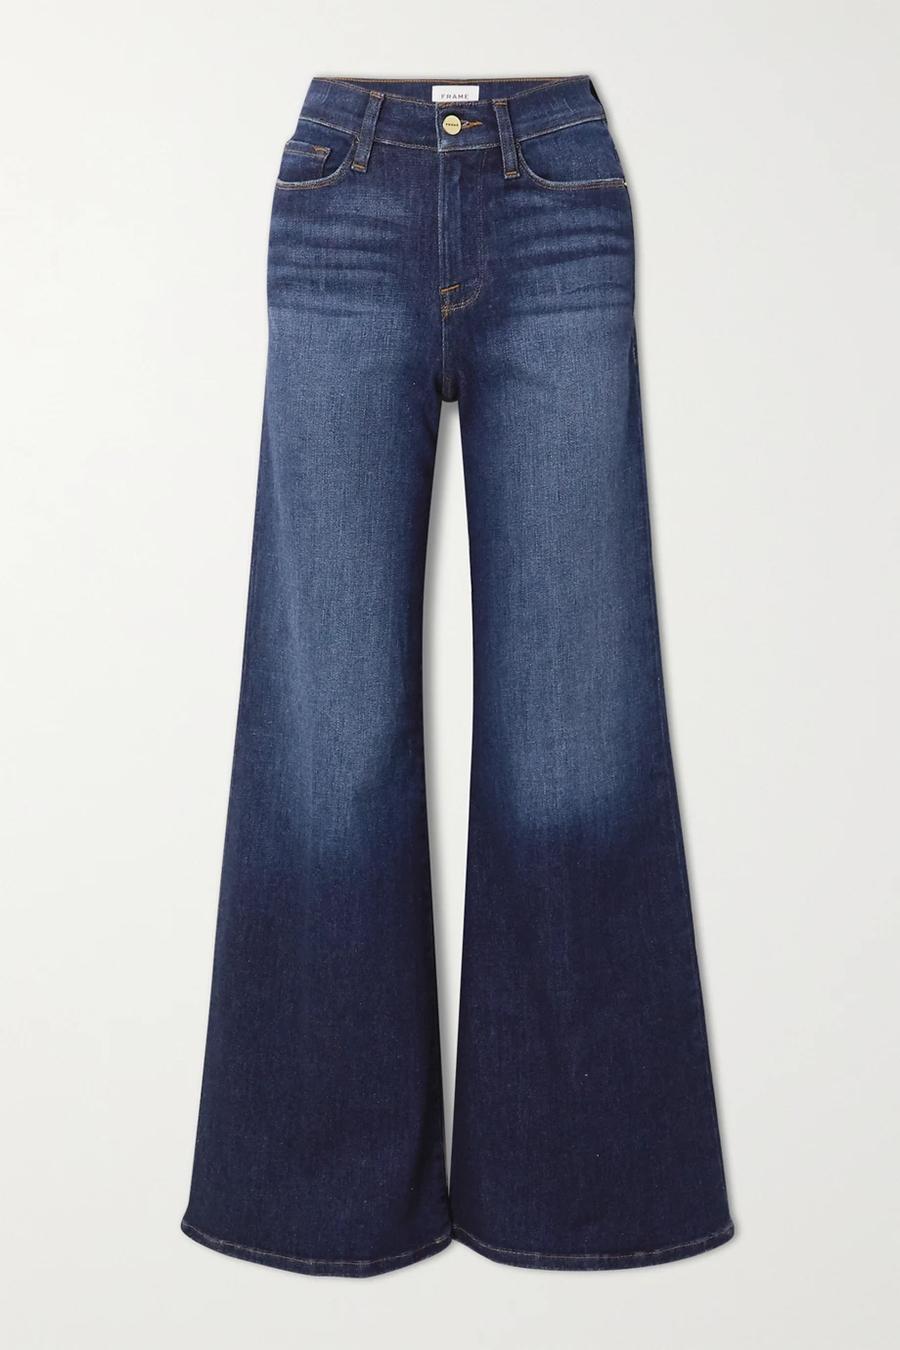 модные джинсы осень 2020 палаццо клеш свободные синие с широкими штанинами высокая посадка